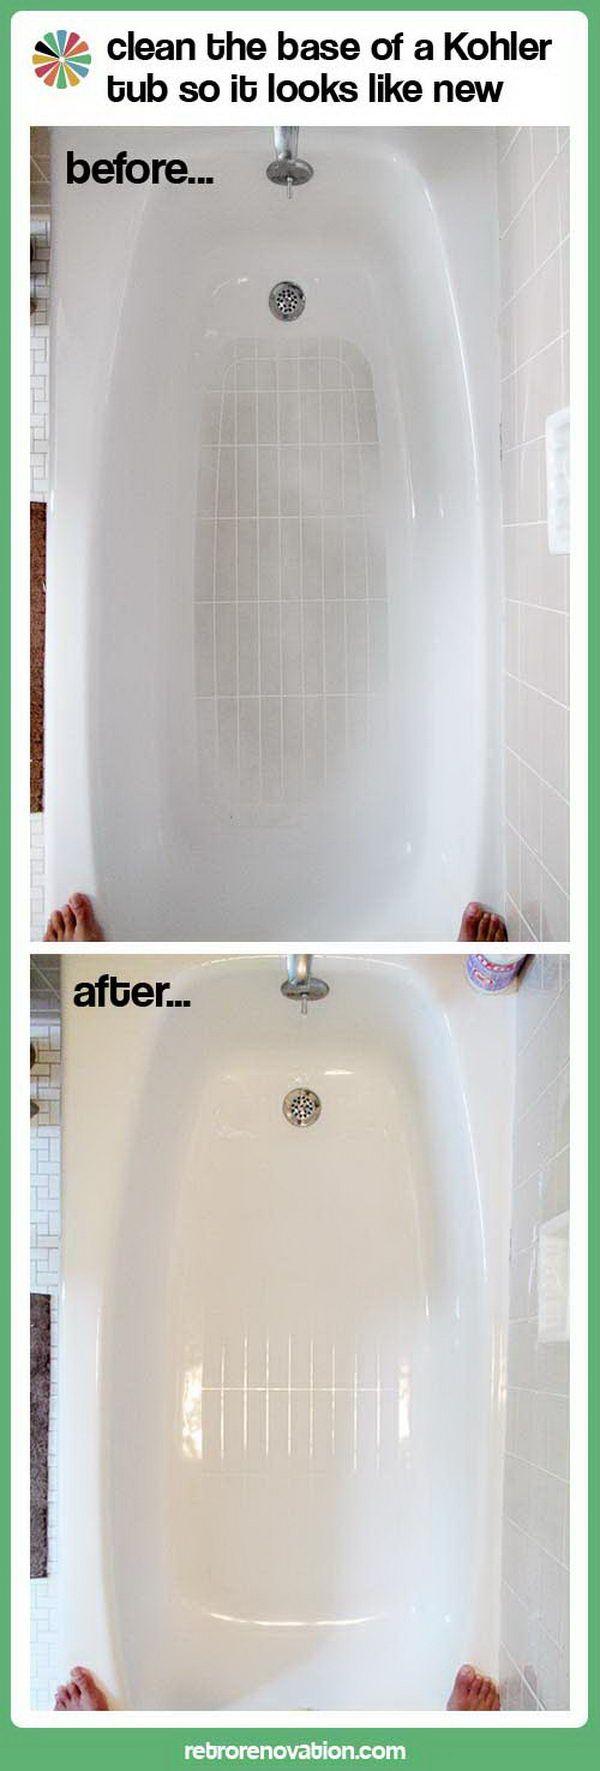 tipps und tricks zur reinigung des badezimmers badezimmer putzen tipps putz hacks und badreiniger. Black Bedroom Furniture Sets. Home Design Ideas